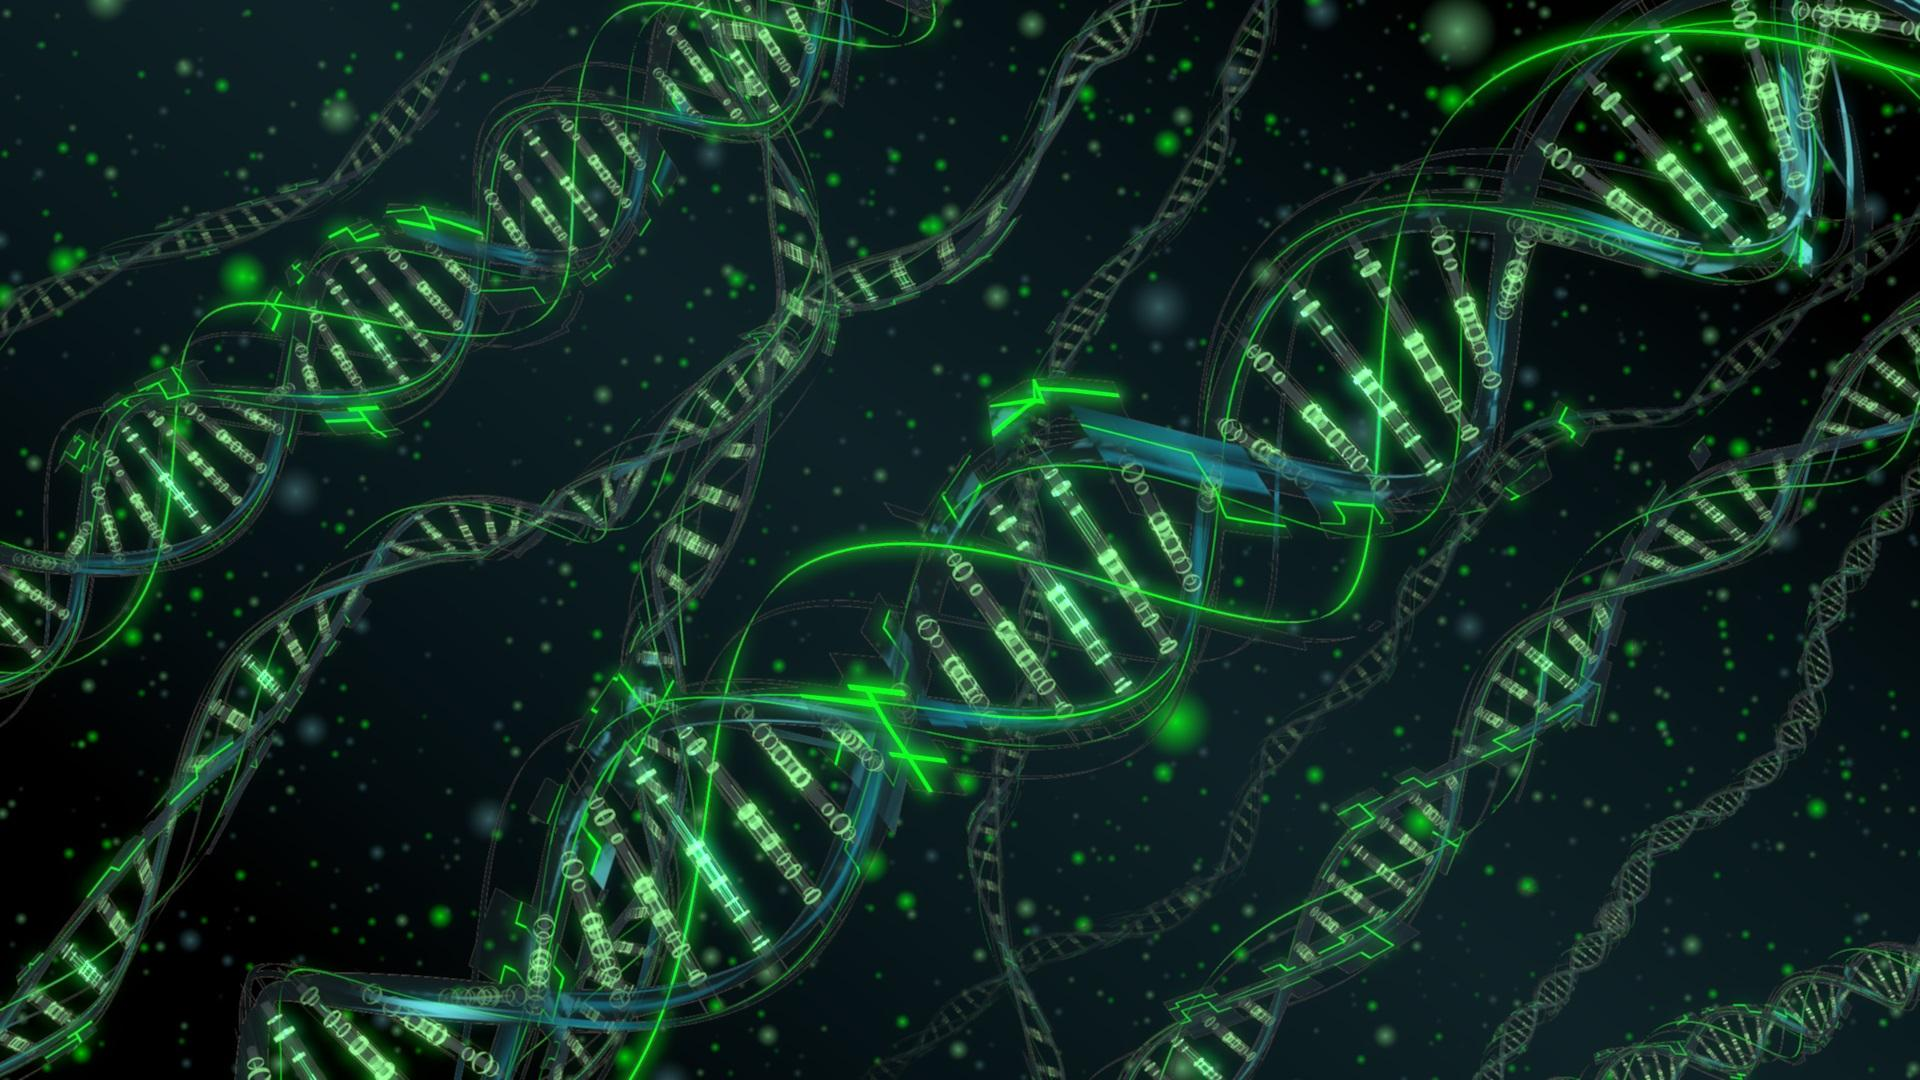 Ученые предложили новую методику коррекции генов в утробе матери